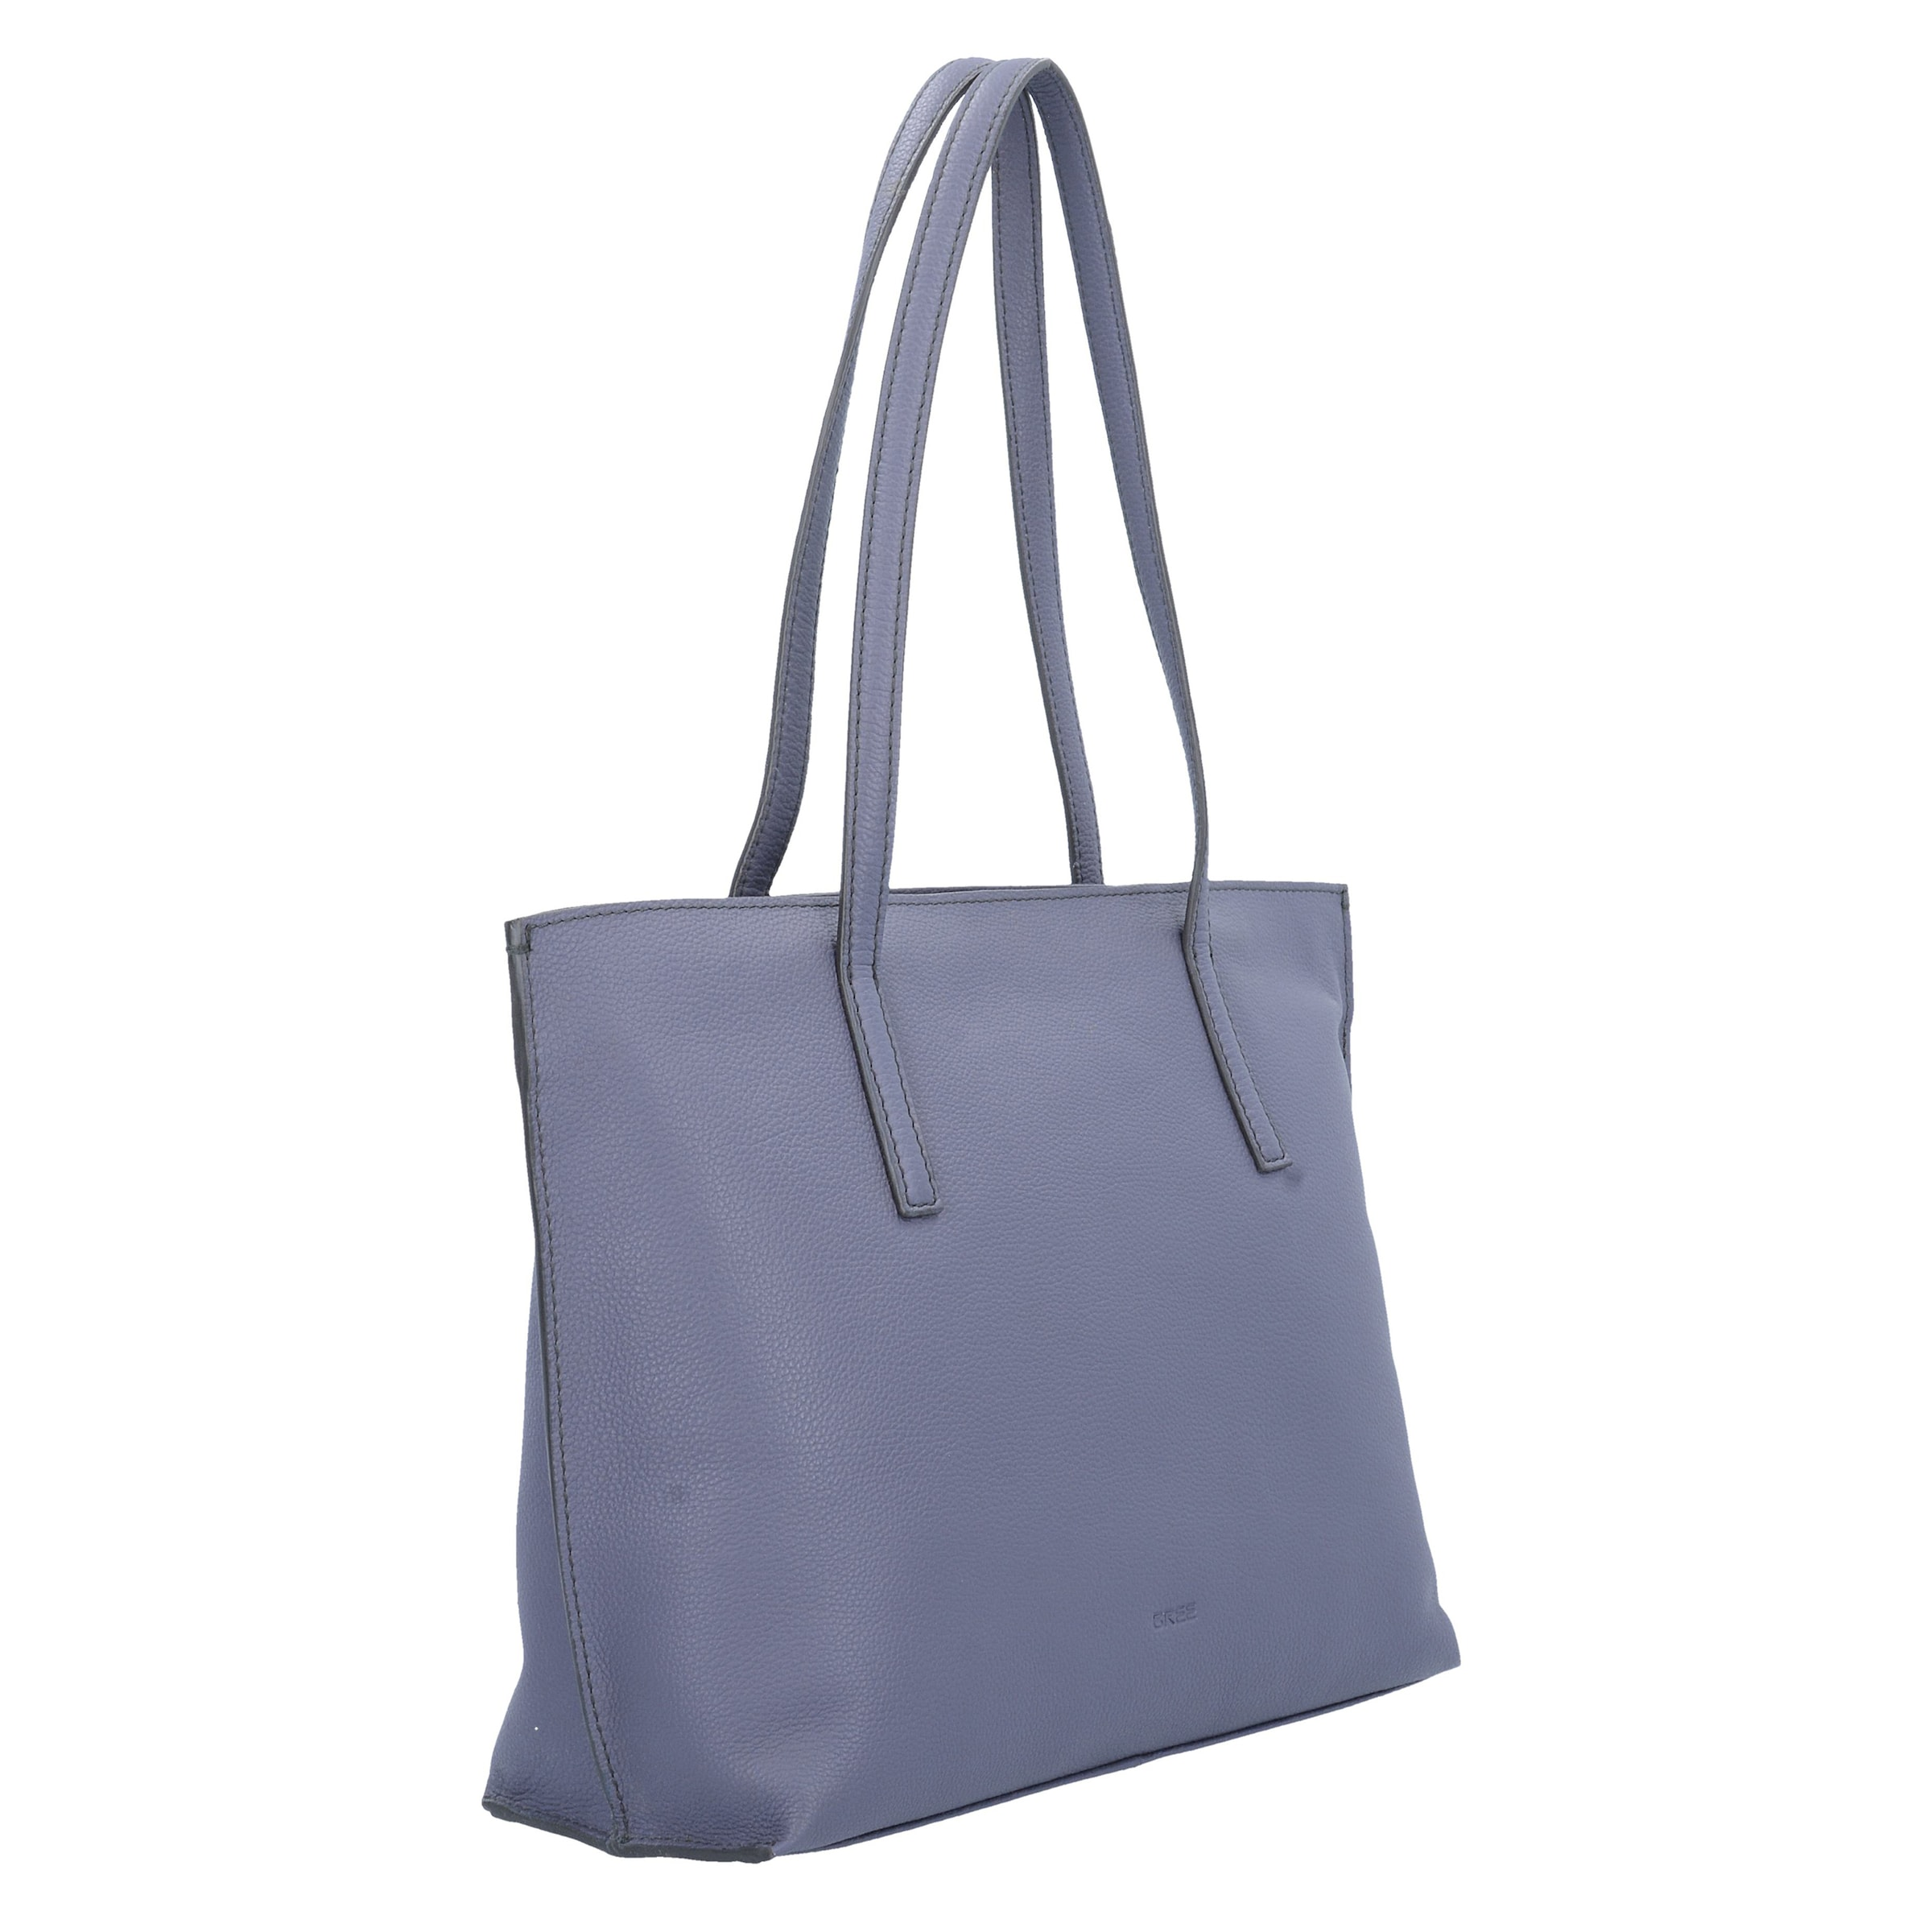 Shopper In Helllila Bree 5' 'cary nOP8X0wk